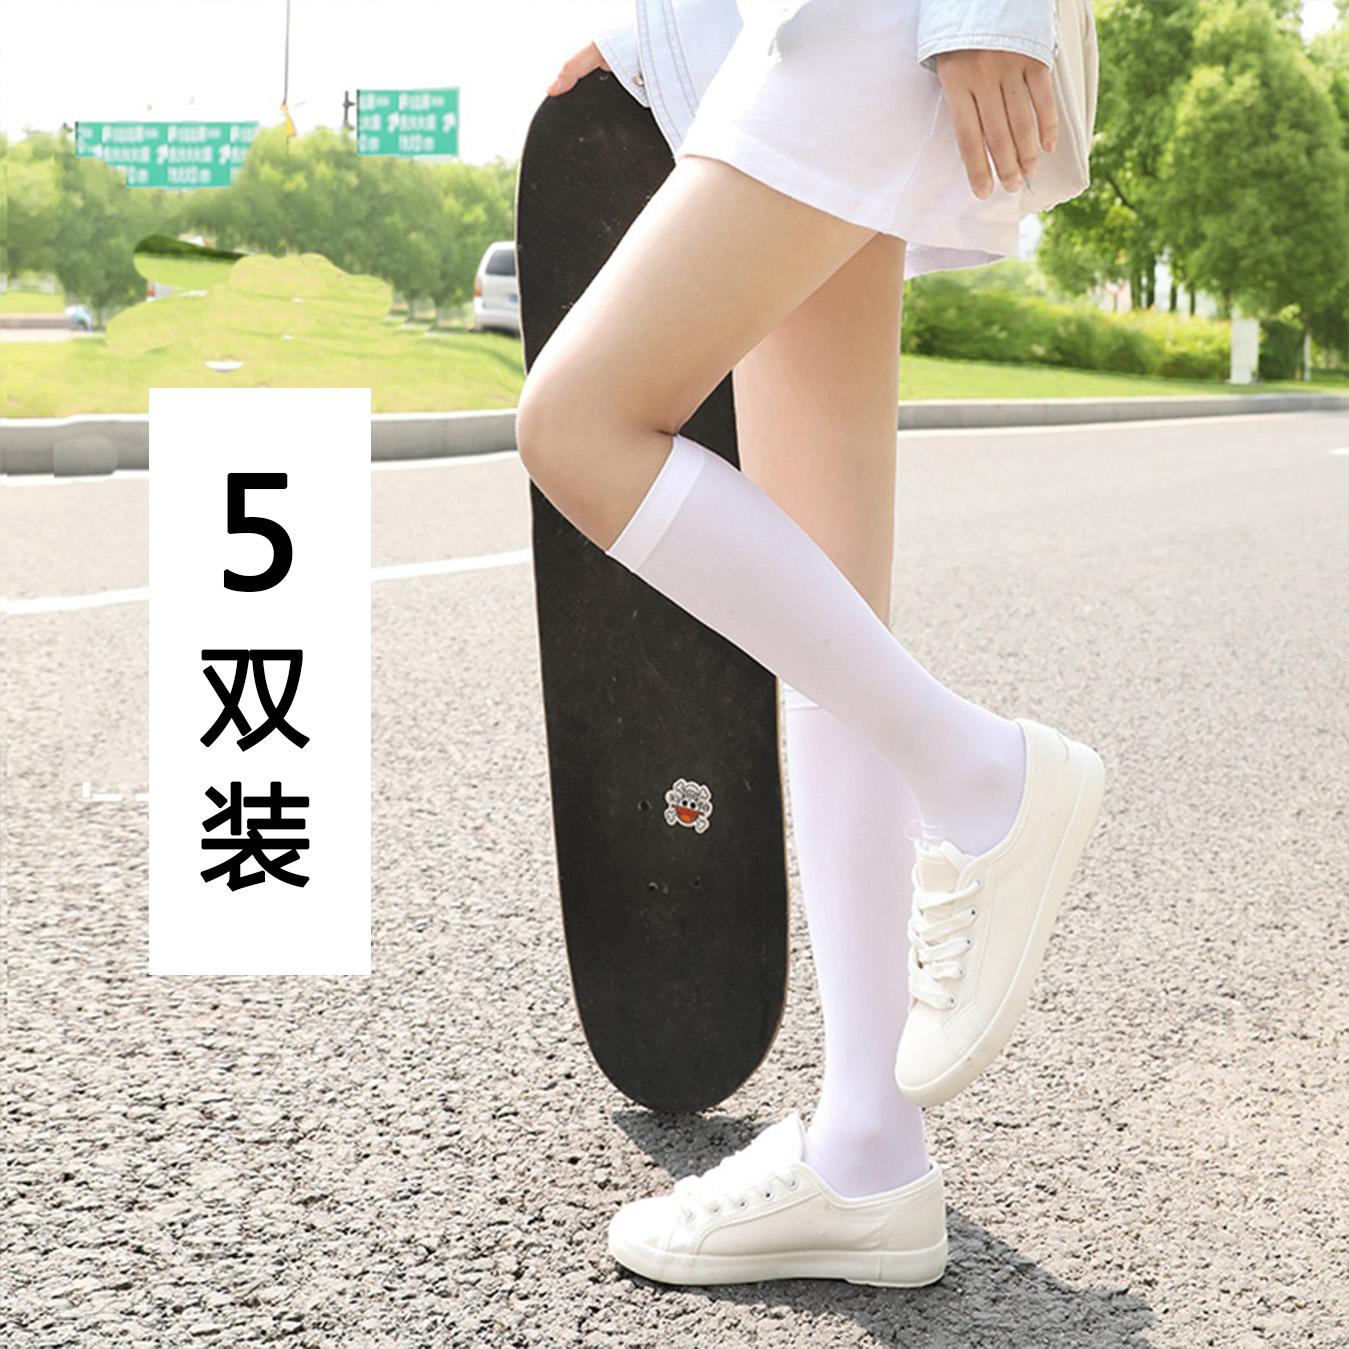 小腿袜潮ins白黑色jk日系半长筒袜(非品牌)